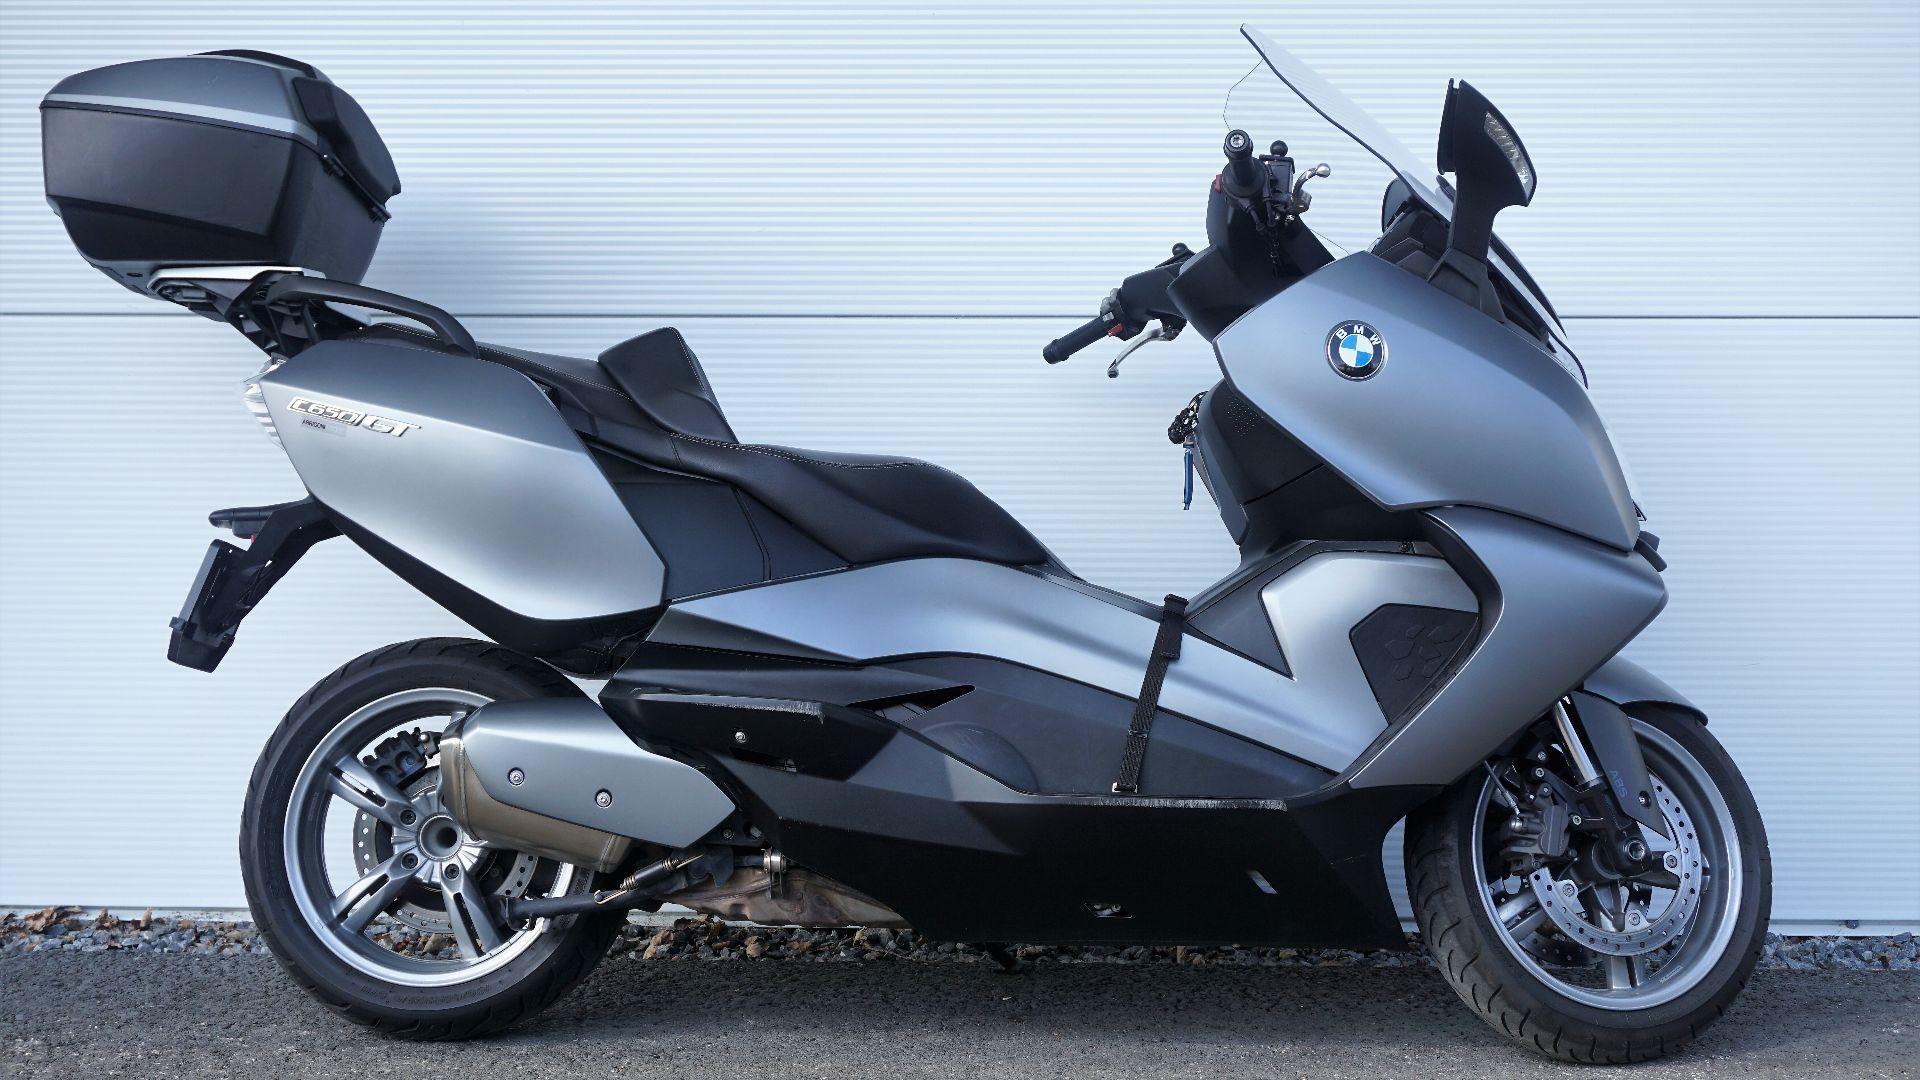 motorrad occasion kaufen bmw c 650 gt abs moto graub nden. Black Bedroom Furniture Sets. Home Design Ideas